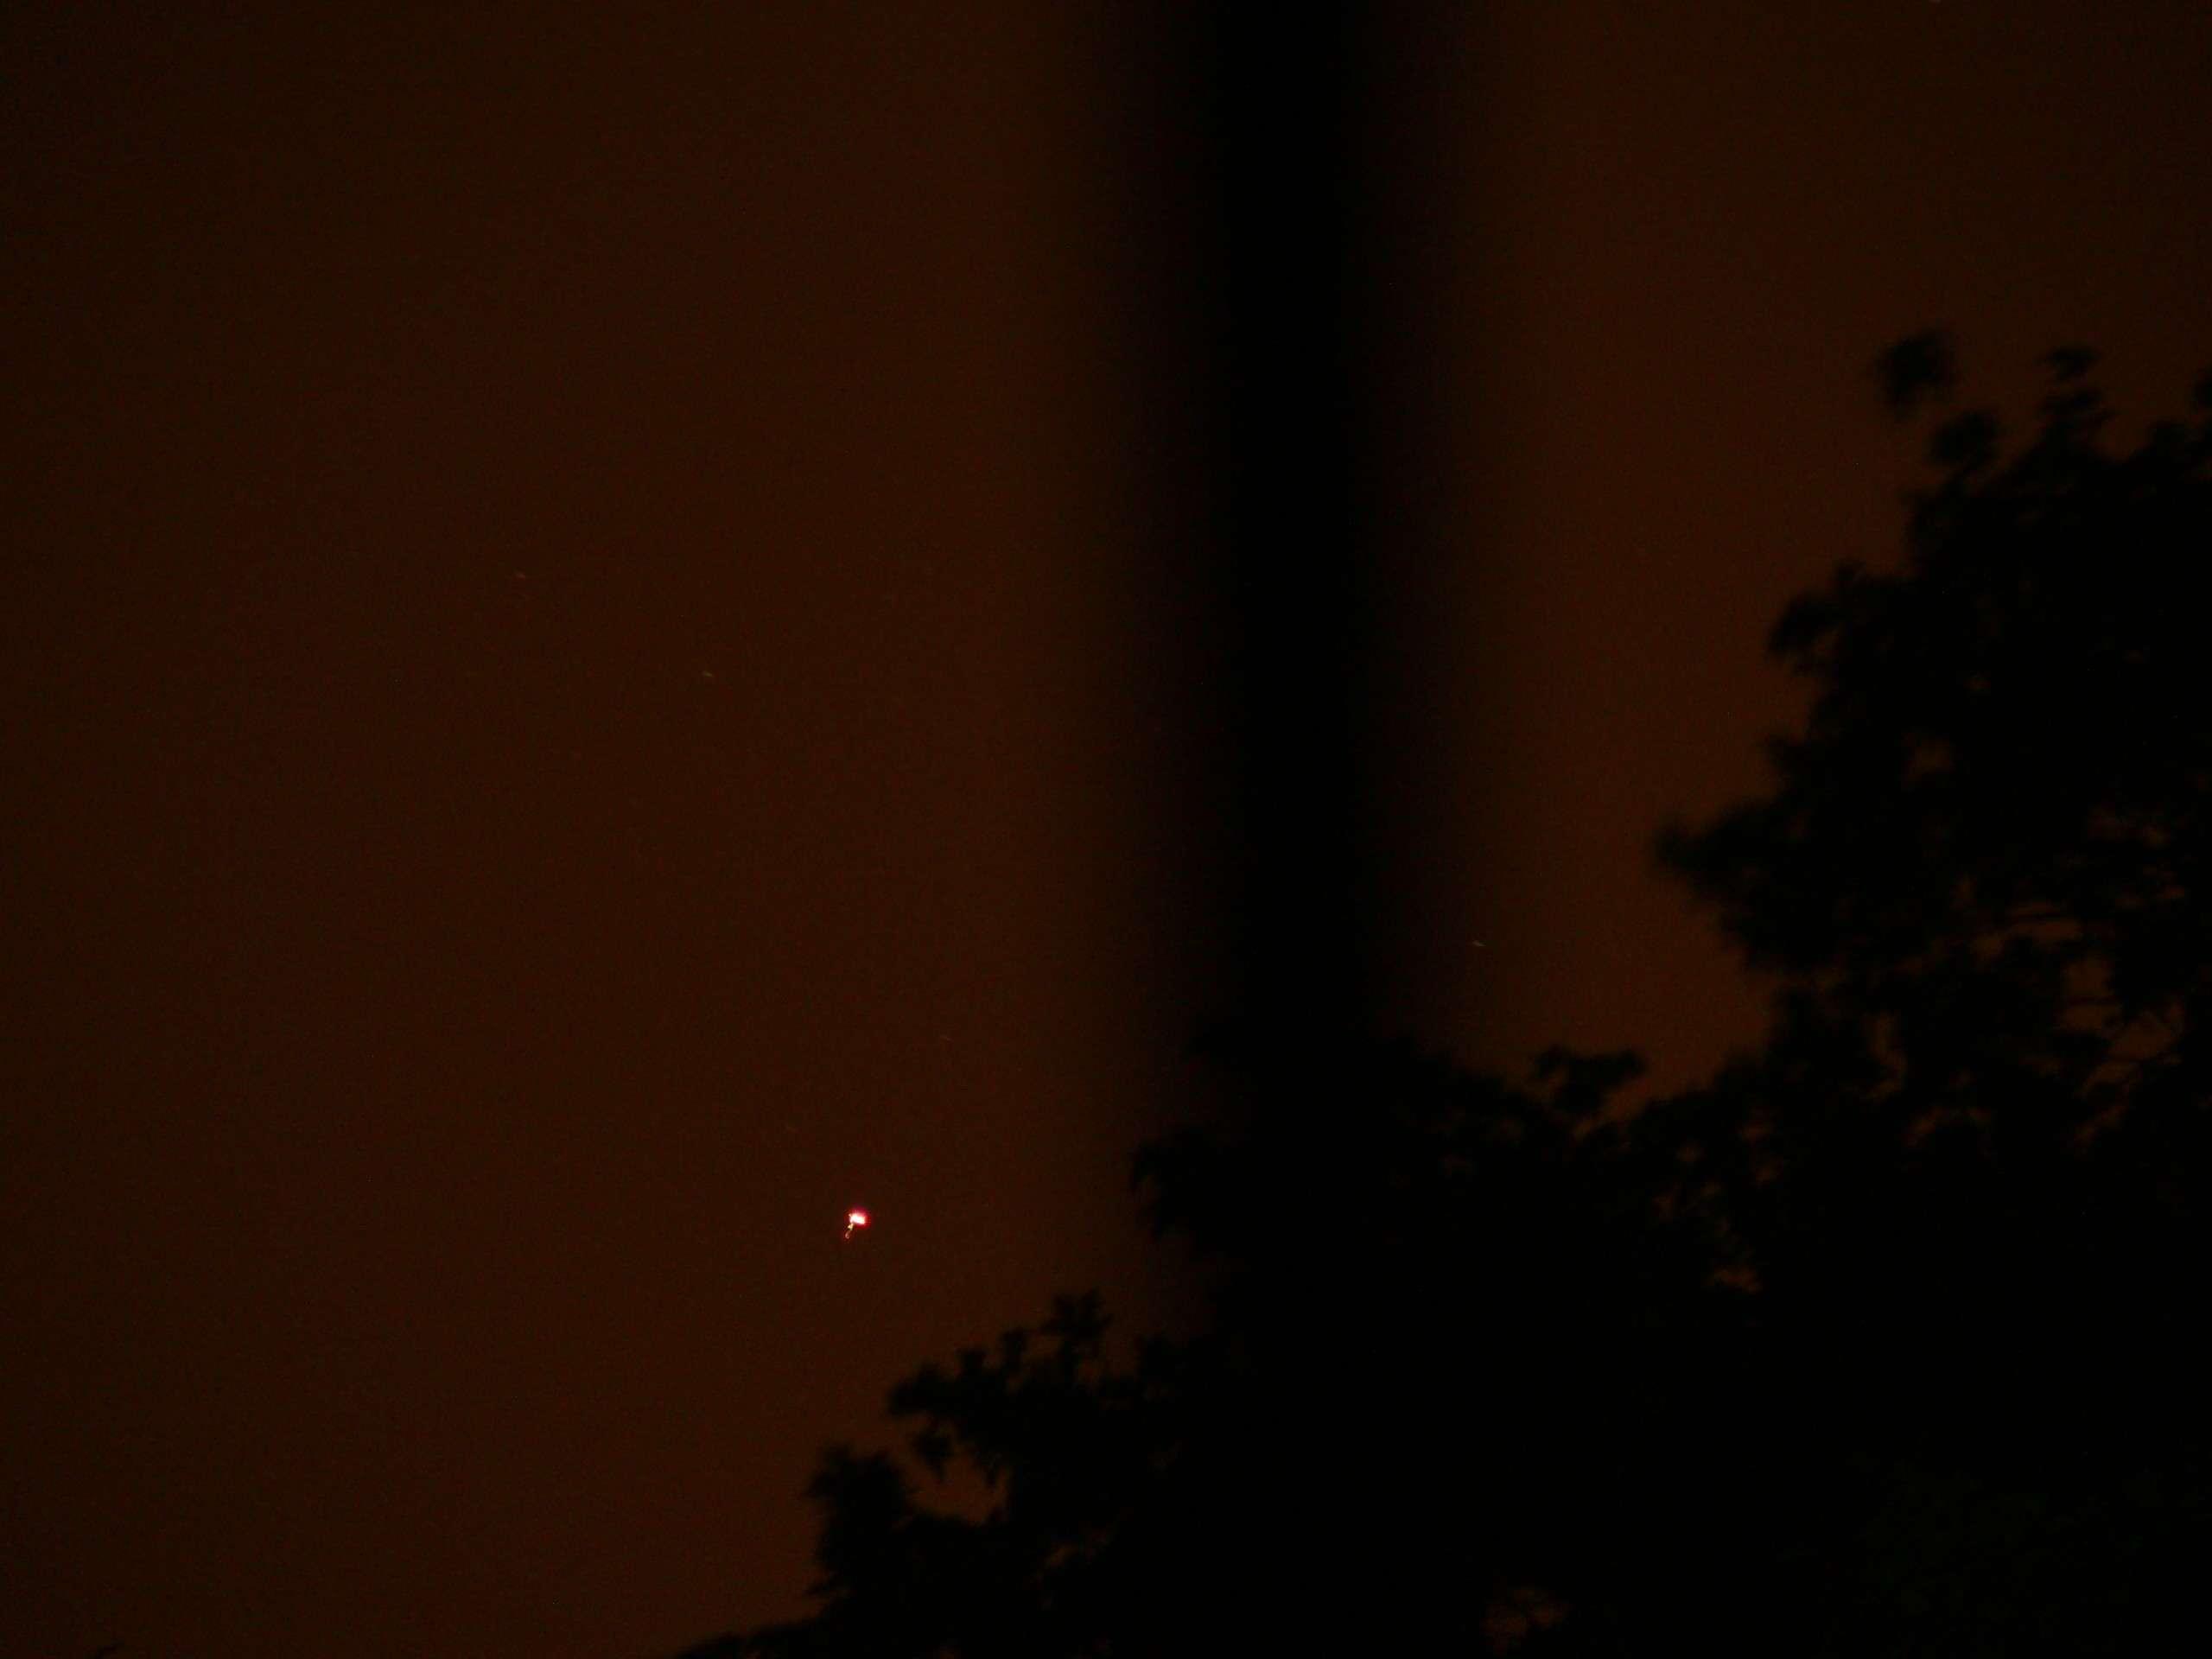 Plateau de Saclay (91) nuit du 24 au 25 mai 2011 : lumières mouvantes - Page 2 P1200423